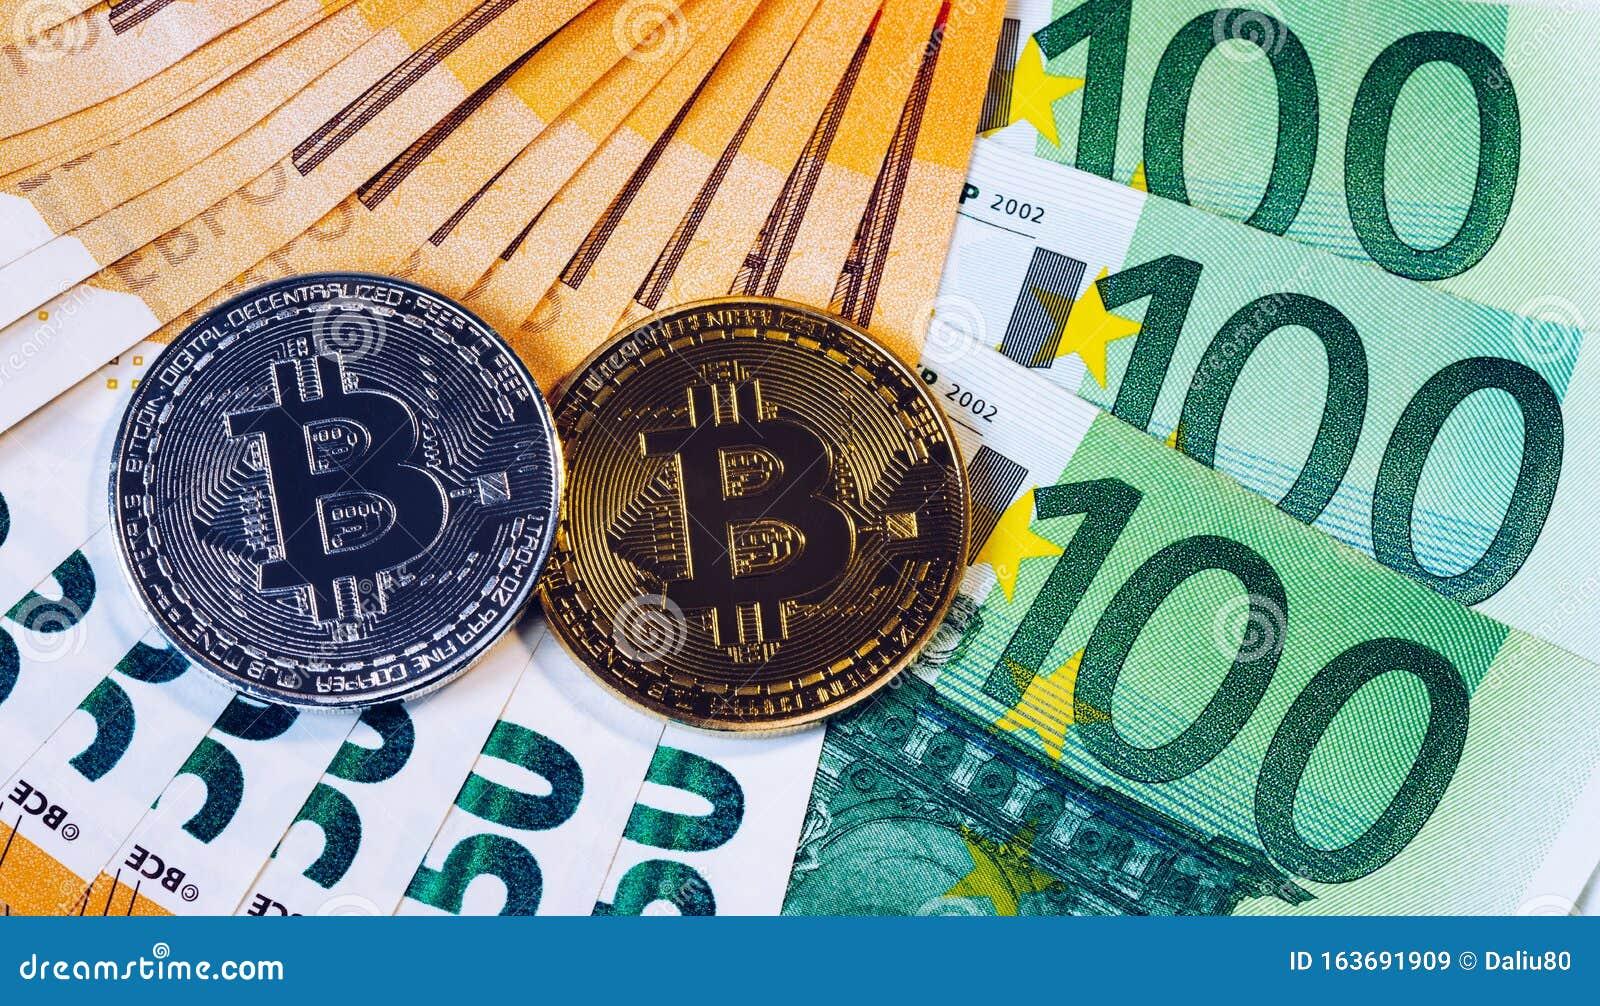 100 euros to bitcoins for free